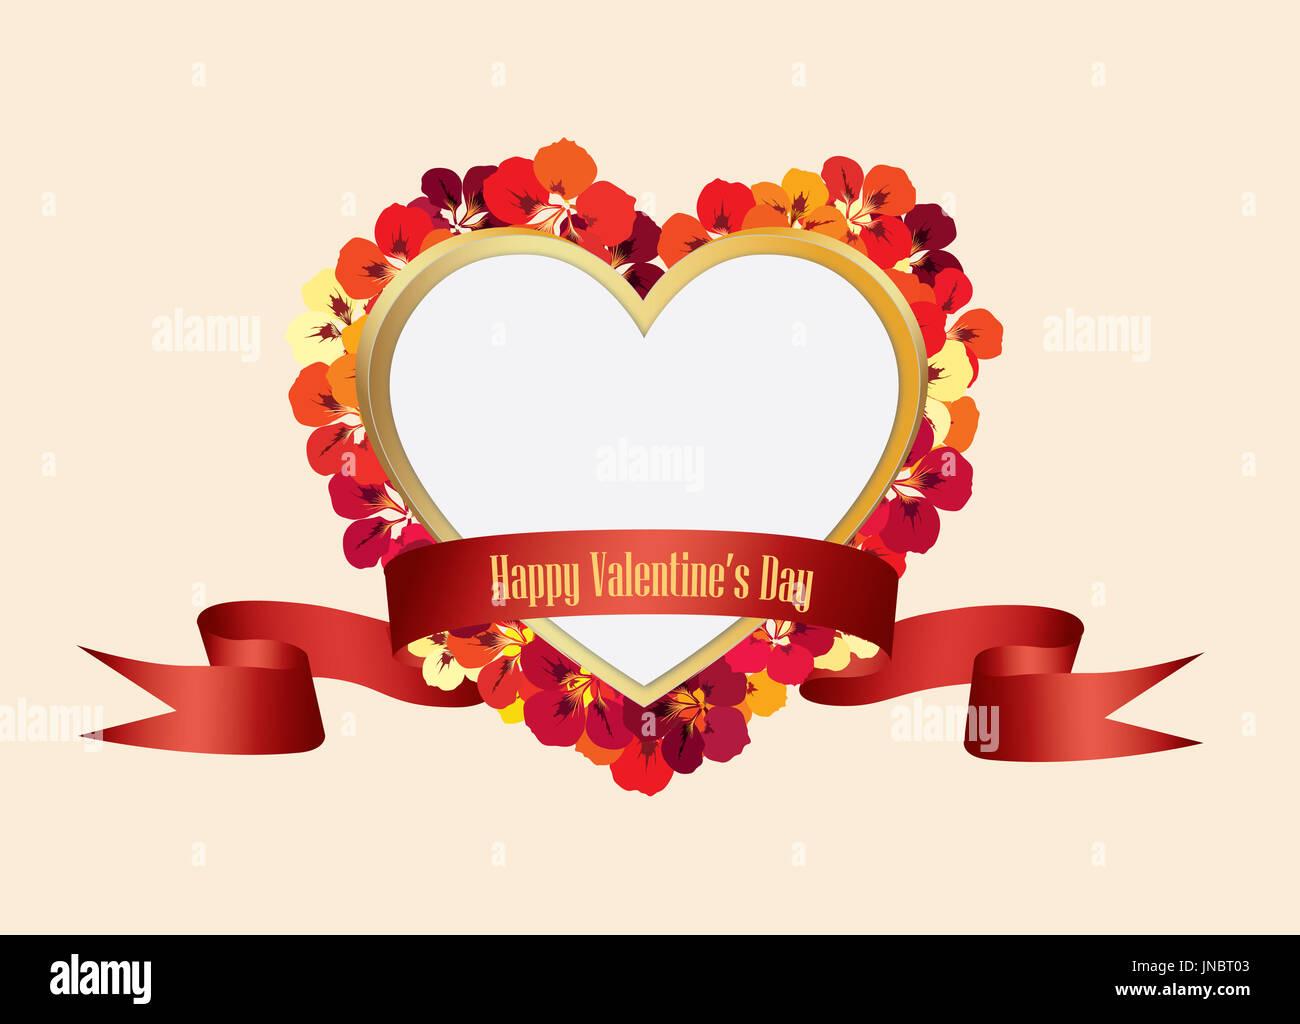 Valentines Tag Blumen Grußkarte. Blume Rahmen mit Liebe Herzform ...